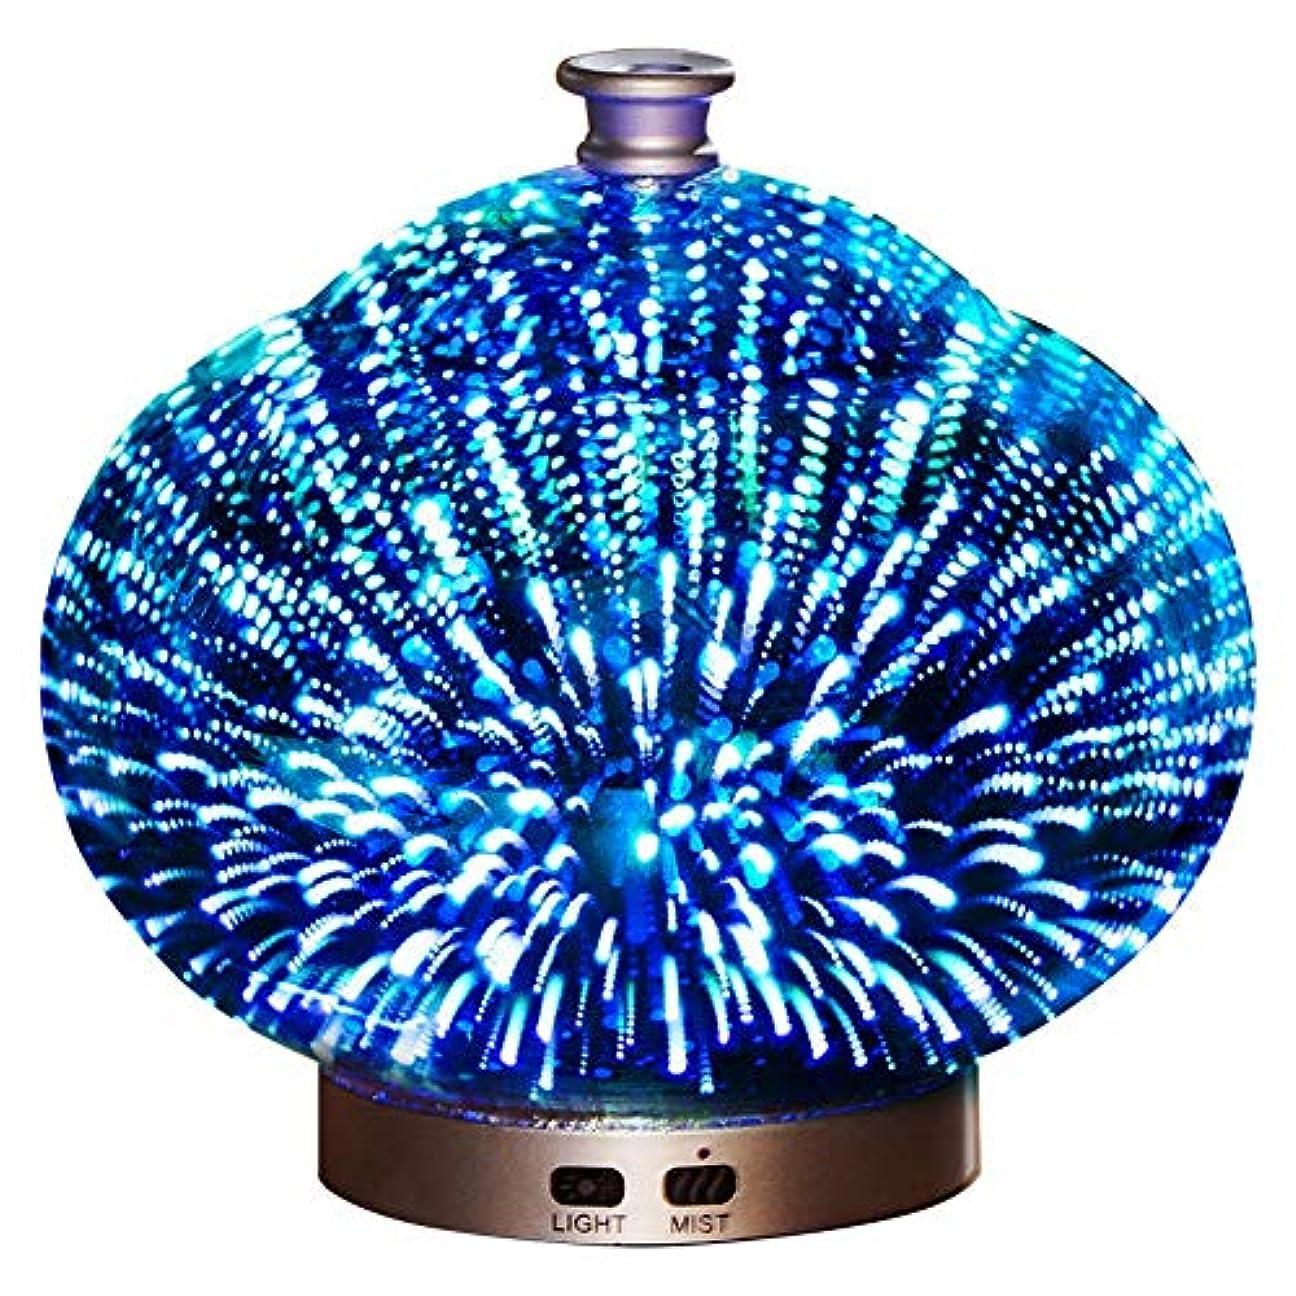 試用休眠フェード3 D ガラス 精油 ディフューザー, 超音波式 クールミスト アロマディフューザー ホーム ミュート 加湿機 の ベッド オフィス Yoga-a